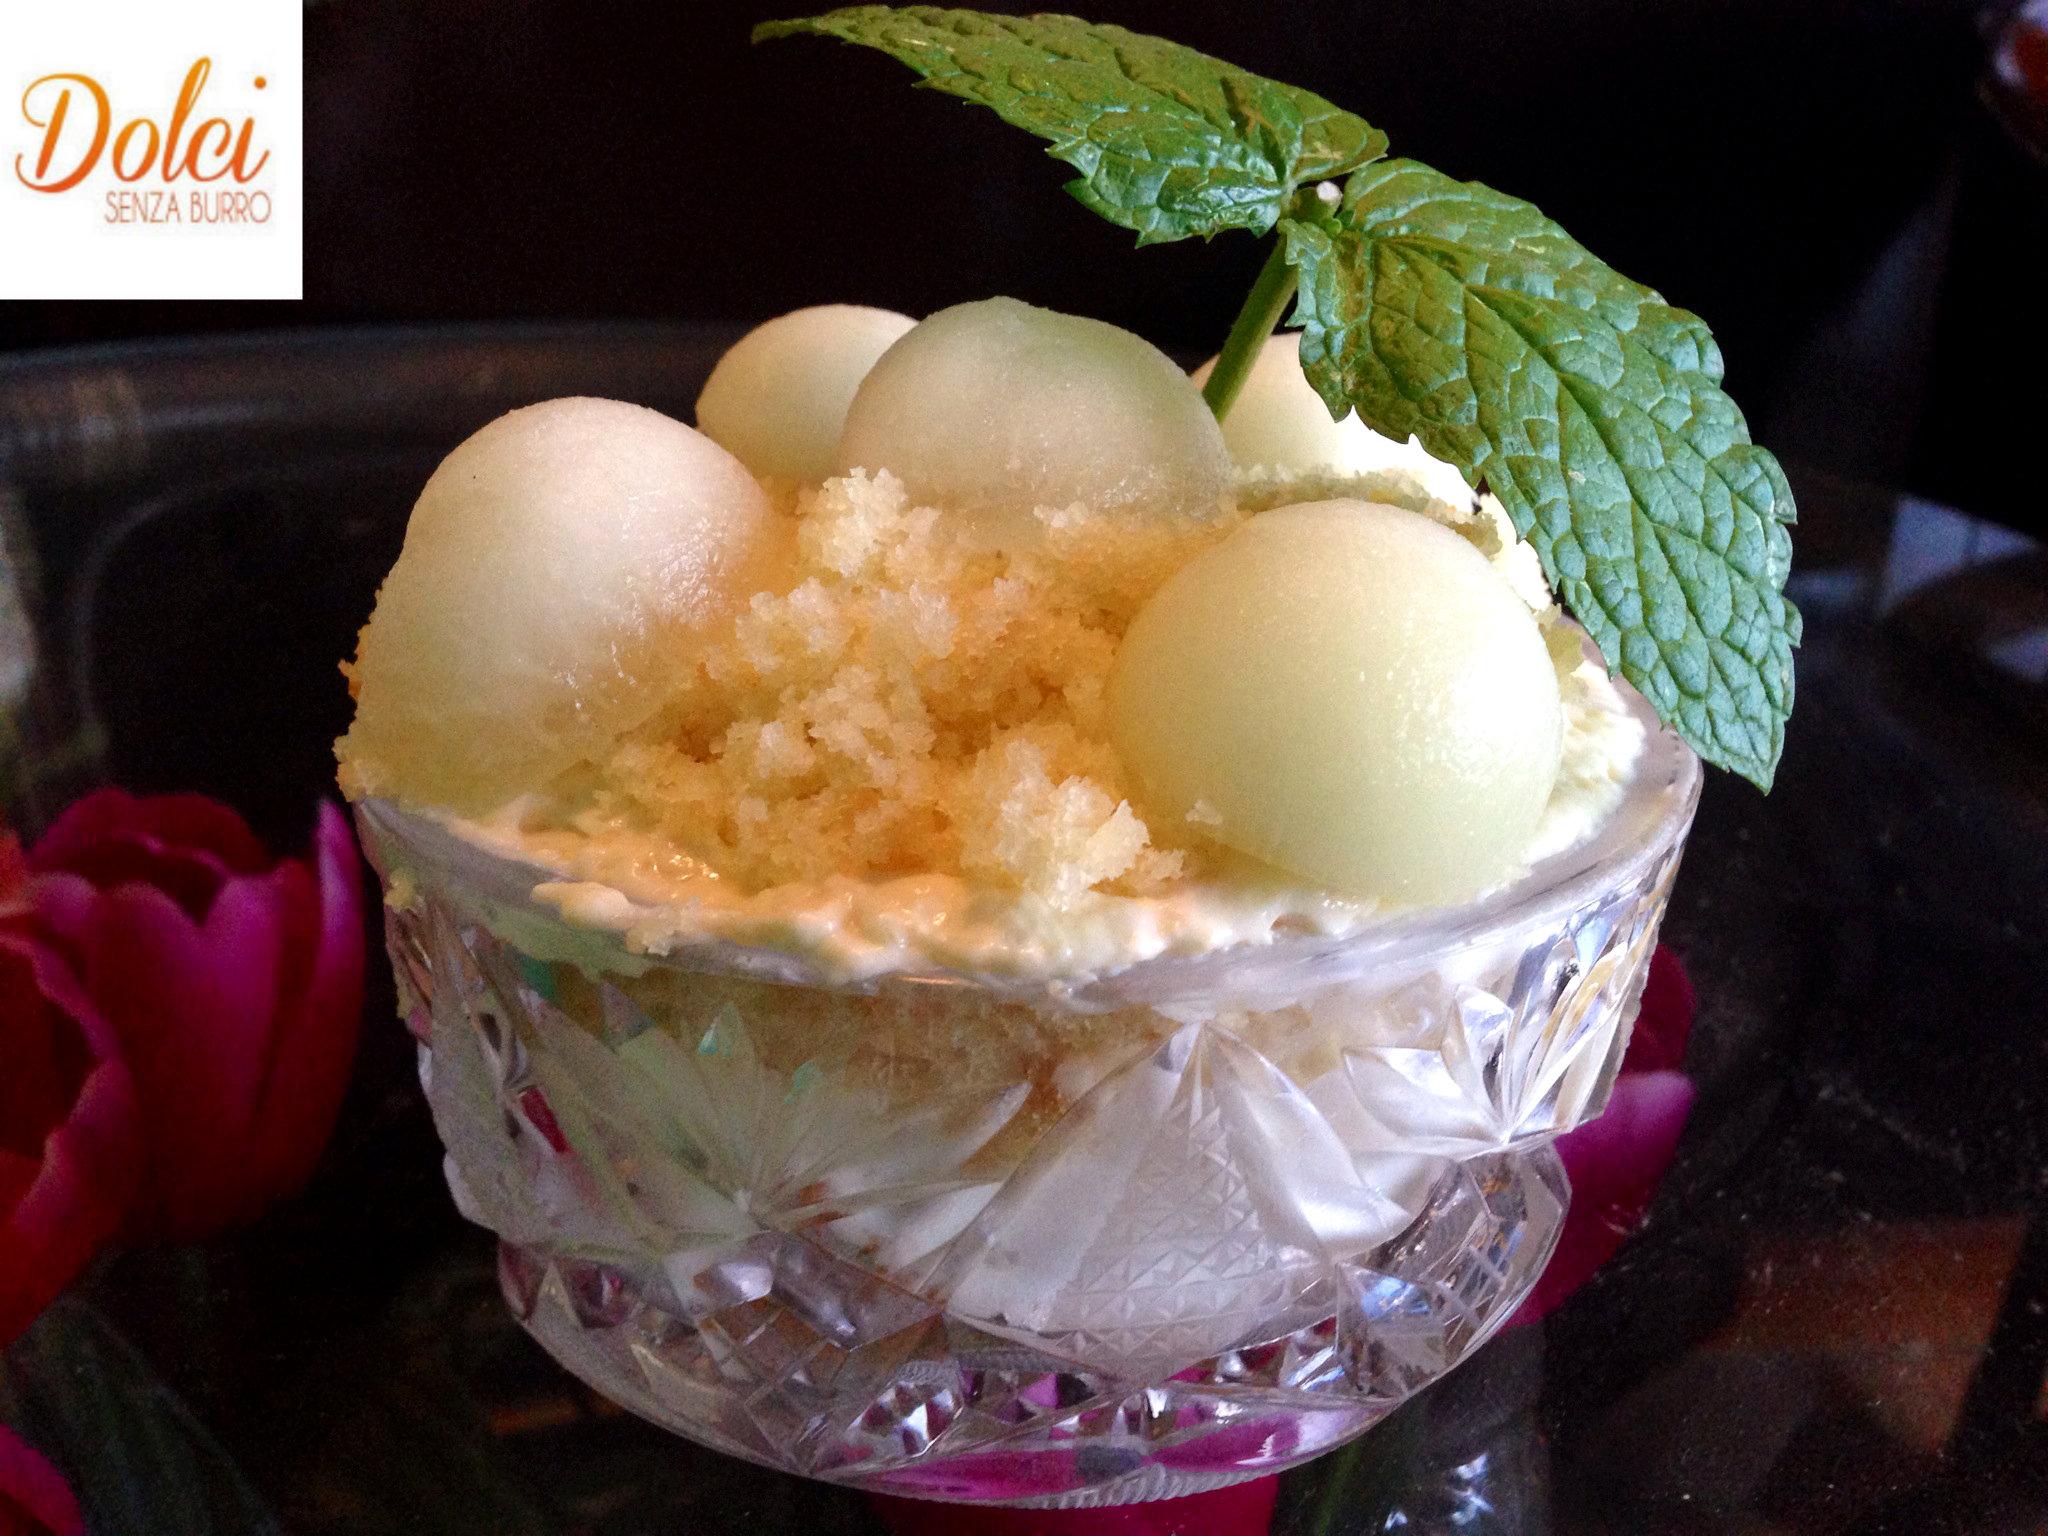 Torta alla Mousse di Melone Bianco e Camomilla il dolce speciale di Dolci Senza Burro